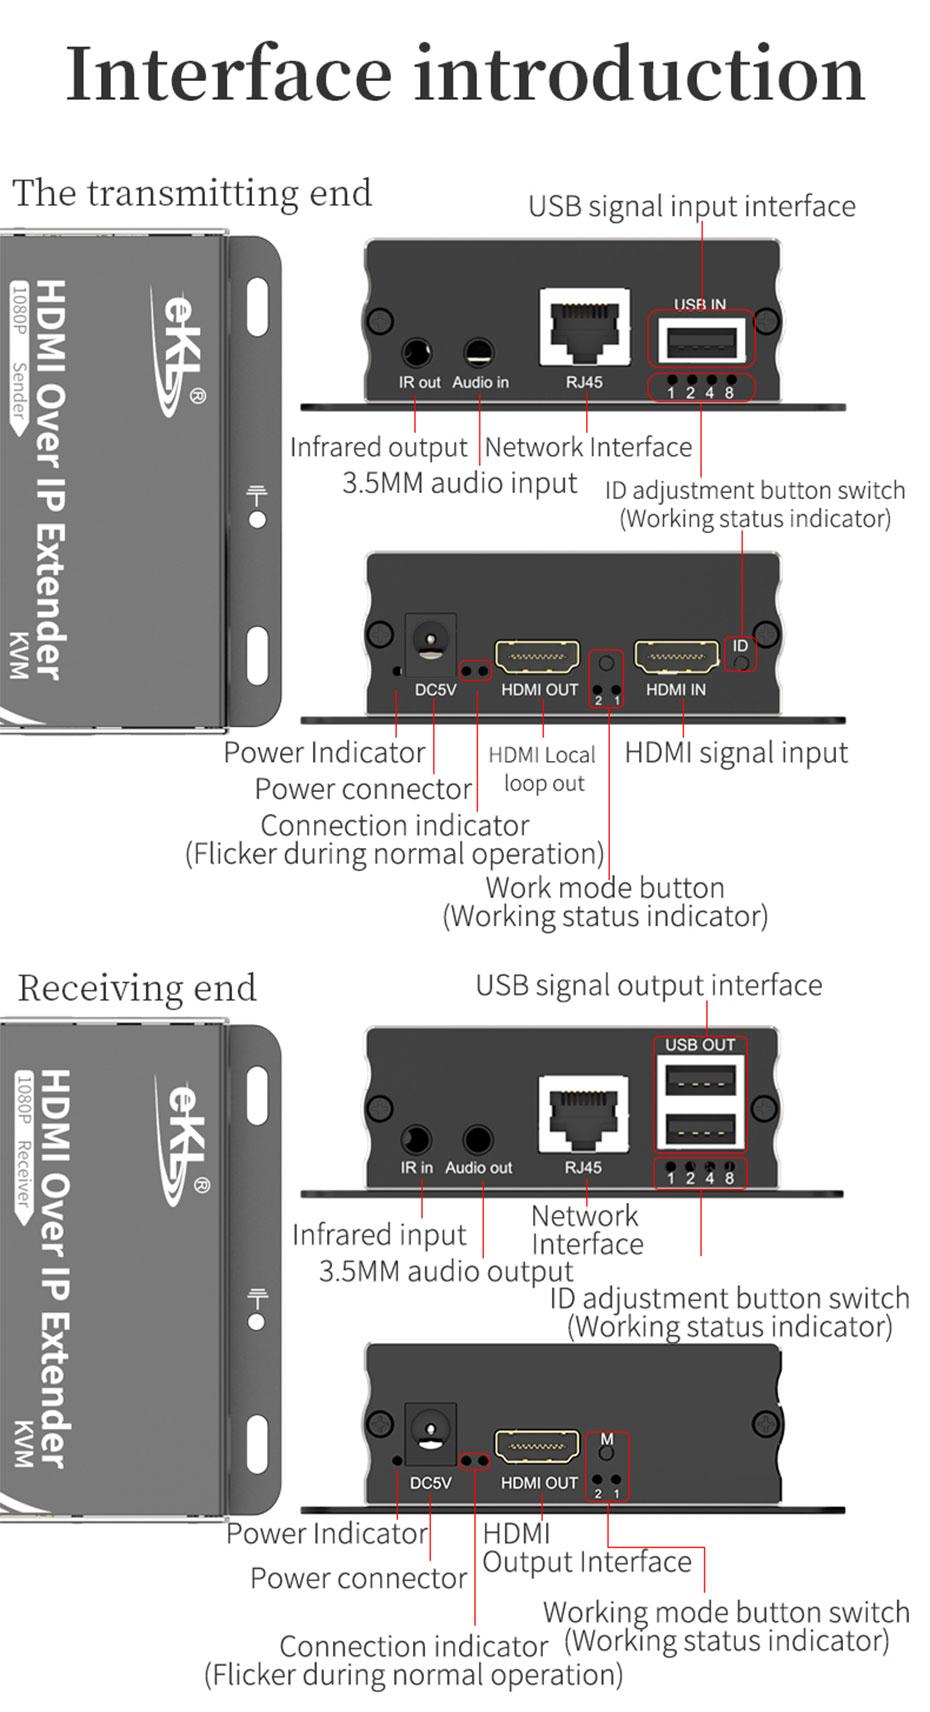 HDMI KVM Extender 1 to many/many to many HU150 interface introduction